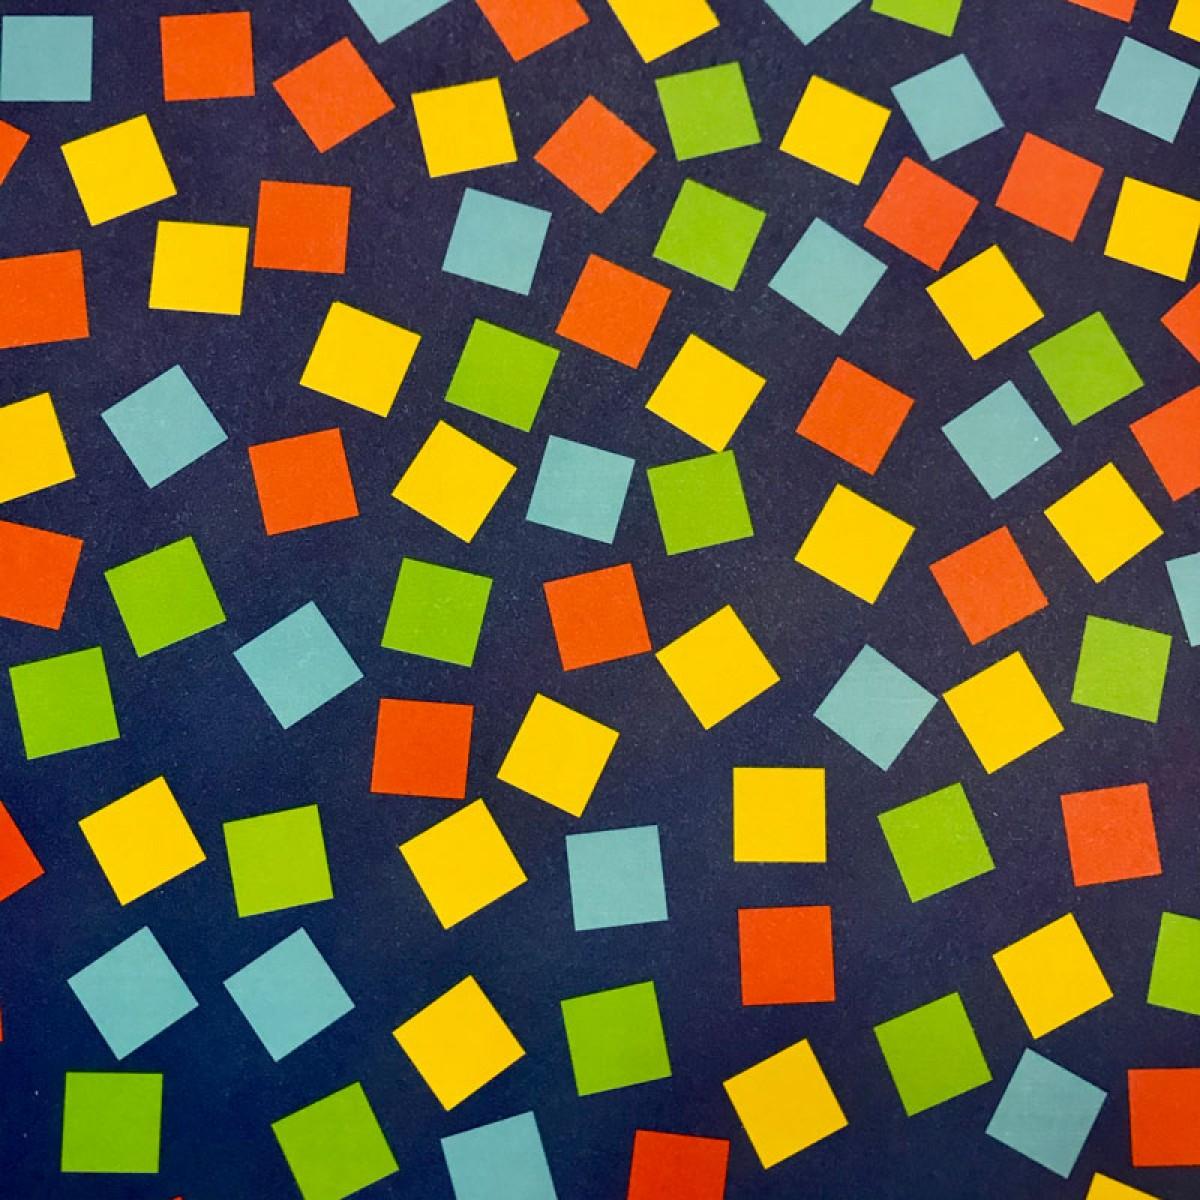 Χαρτόνι Αποκριάτικο Τετράγωνα